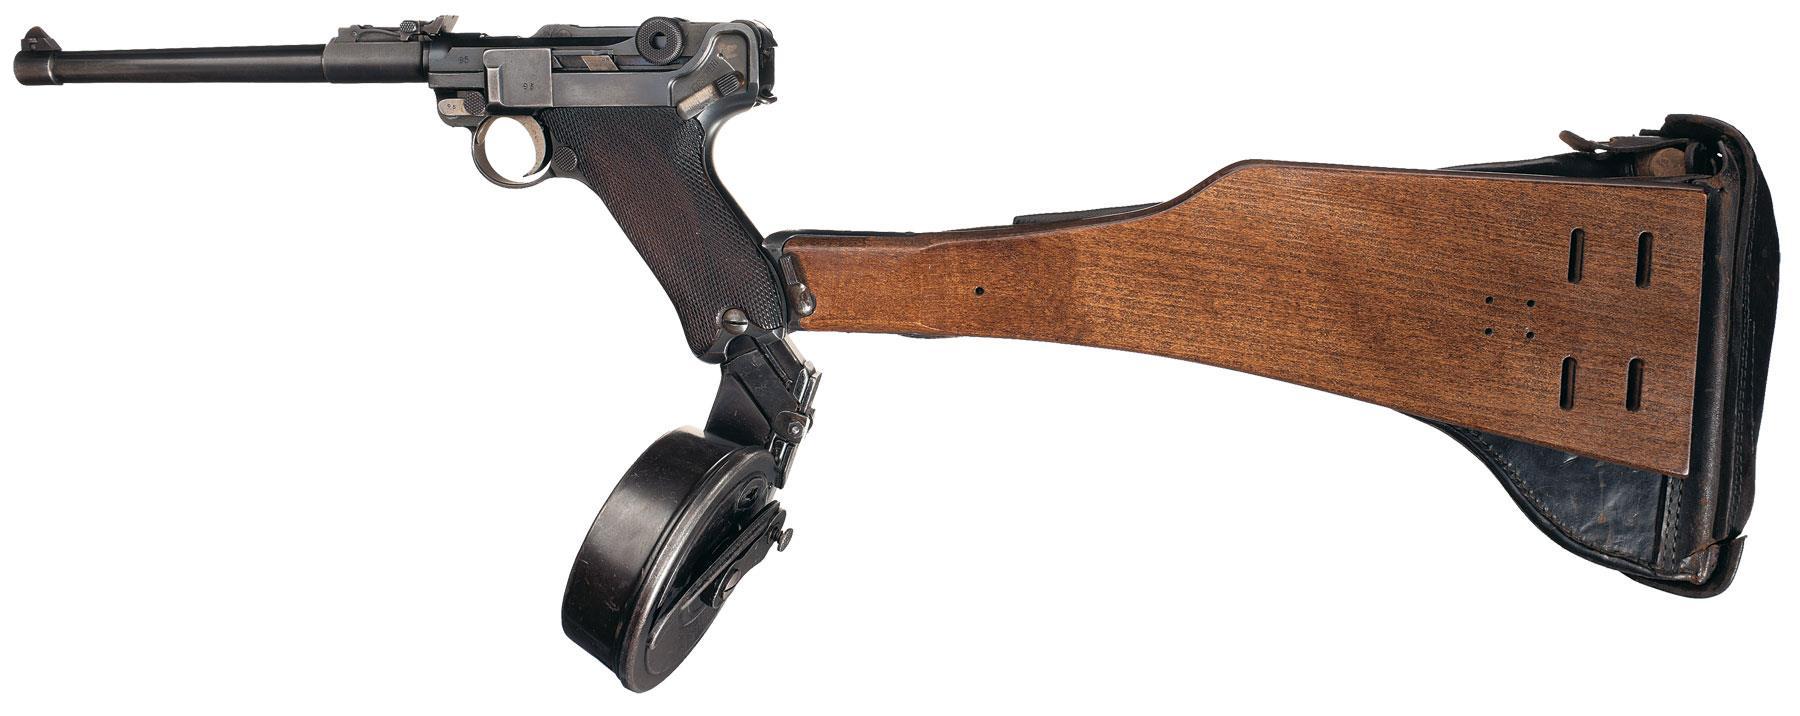 Sturmtruppen Firepower : The Artillery Luger